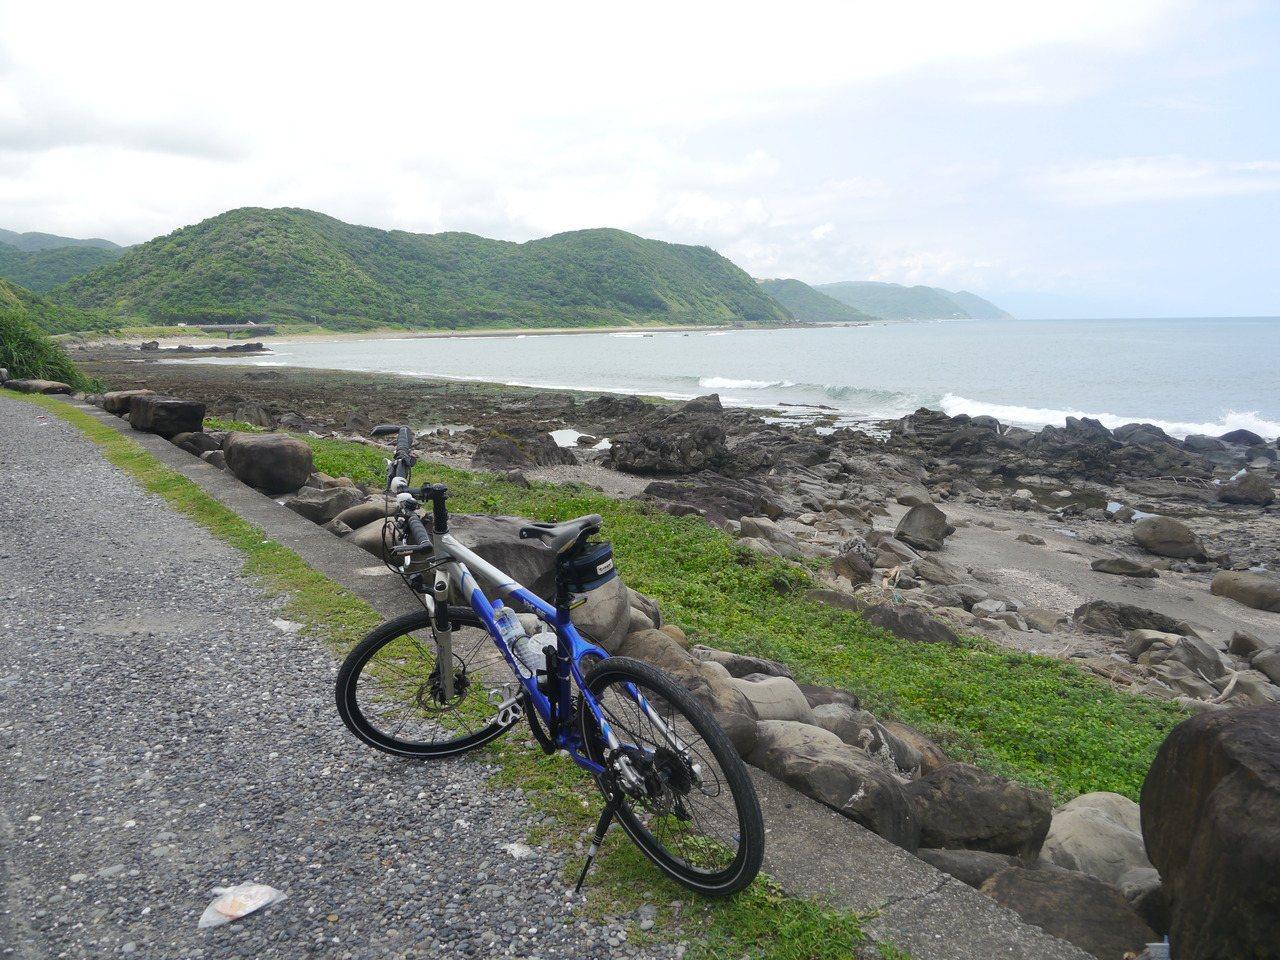 騎單車出遊行程相當彈性,可停車休息賞景。 圖/徐白櫻 攝影